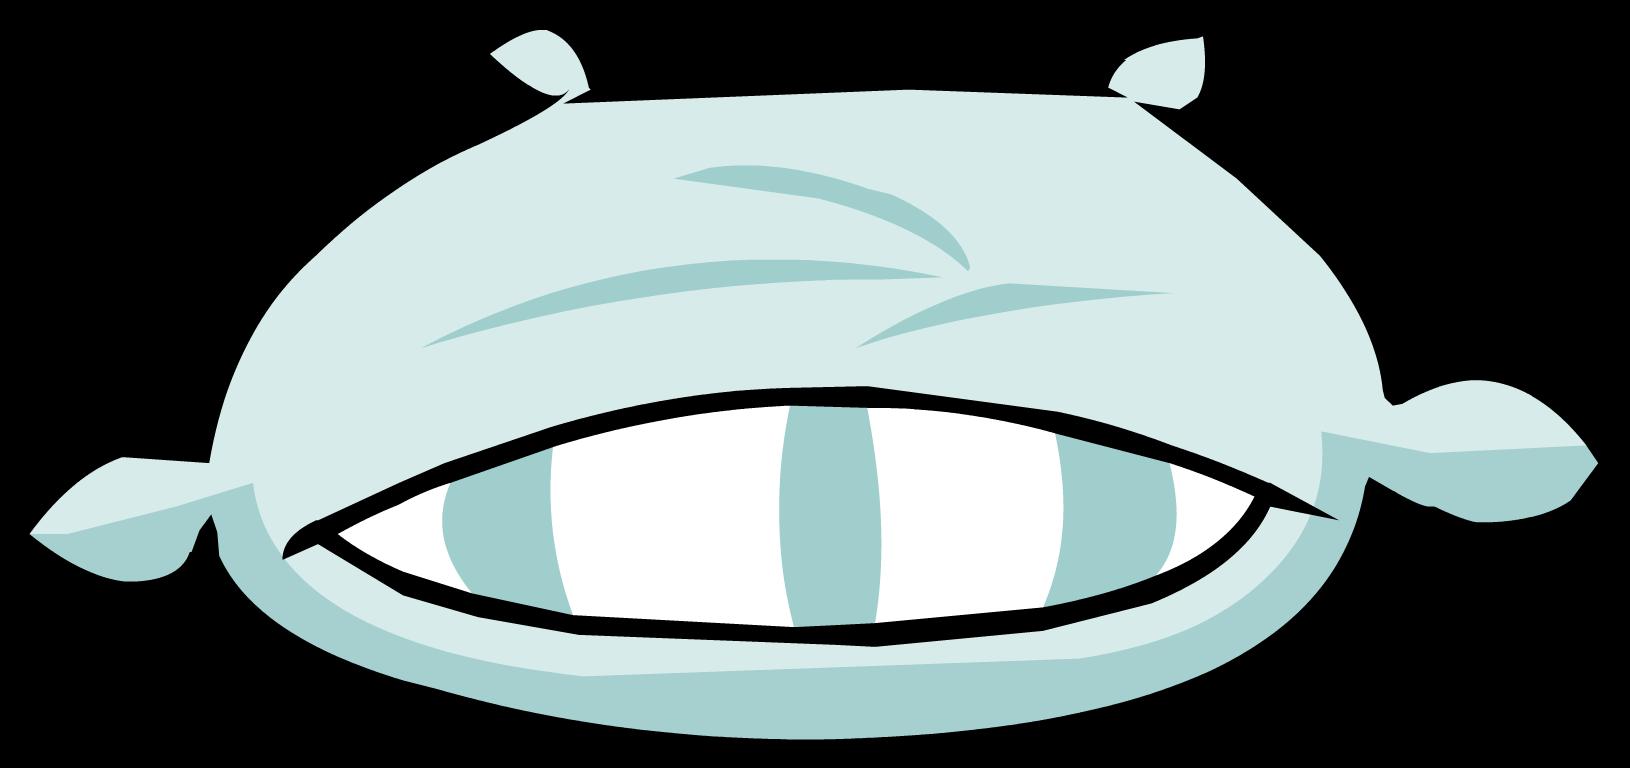 Pillow Club Penguin Wiki Fandom Powered By Wikia